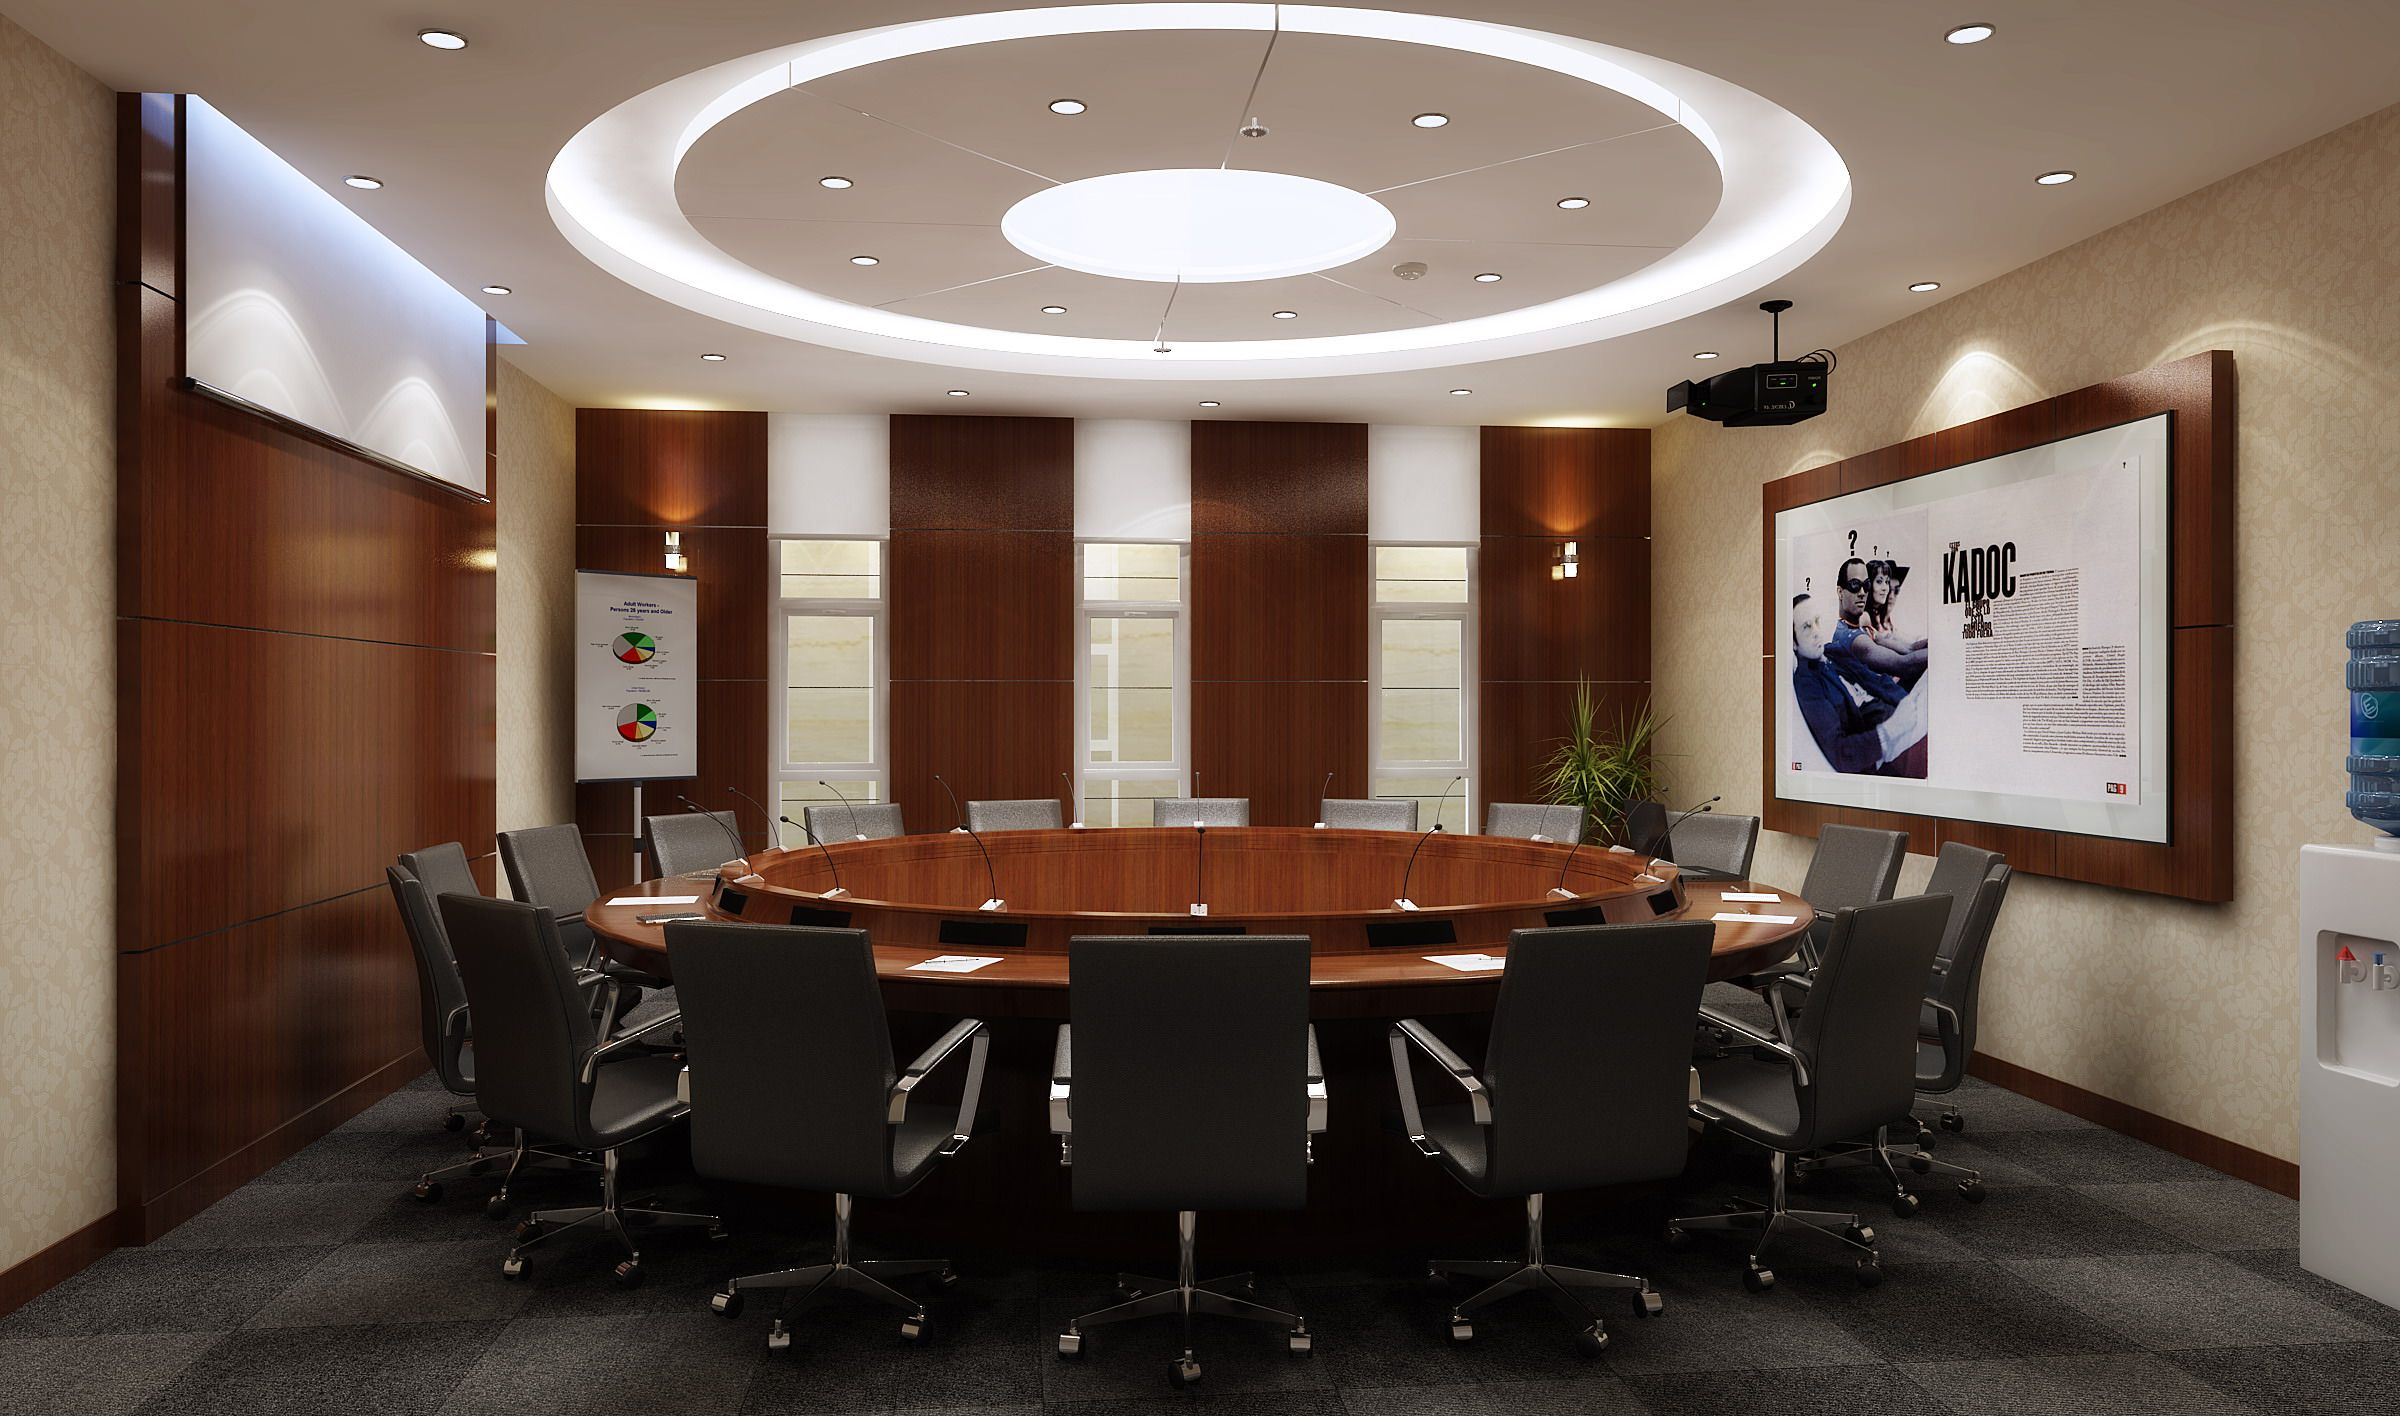 Elegantconferenceroomwithroundtabledmodeldwgjpg - Elegant conference table